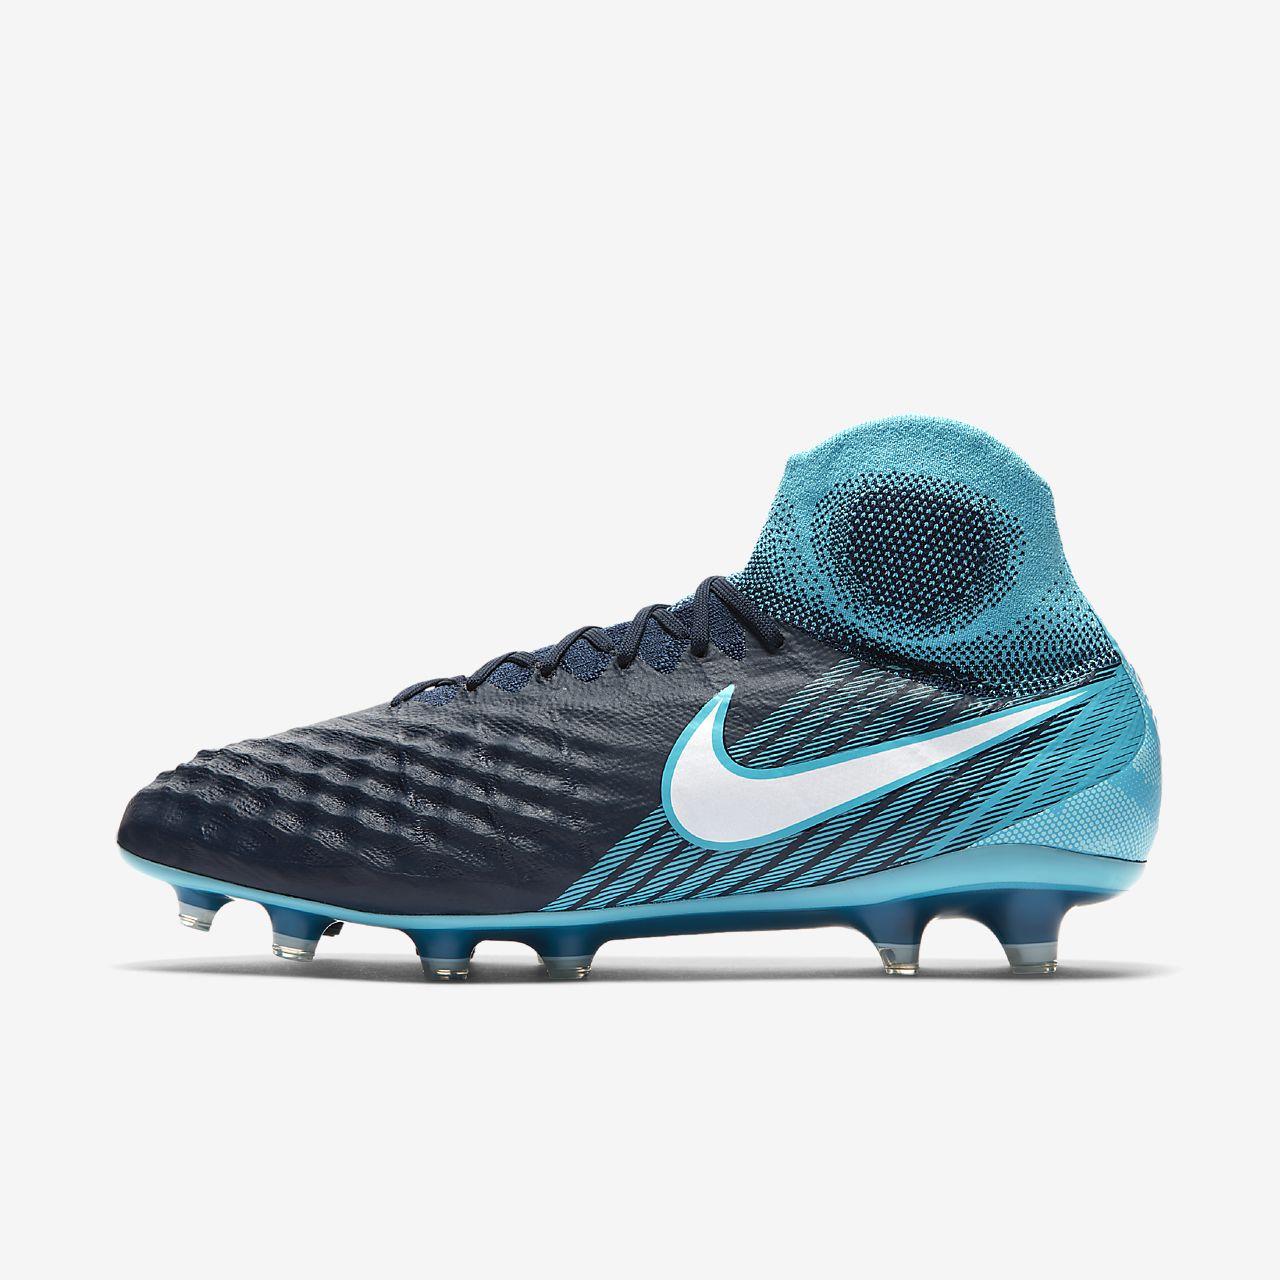 1280x1280 Buy Men's Football Boots Online. Uk.